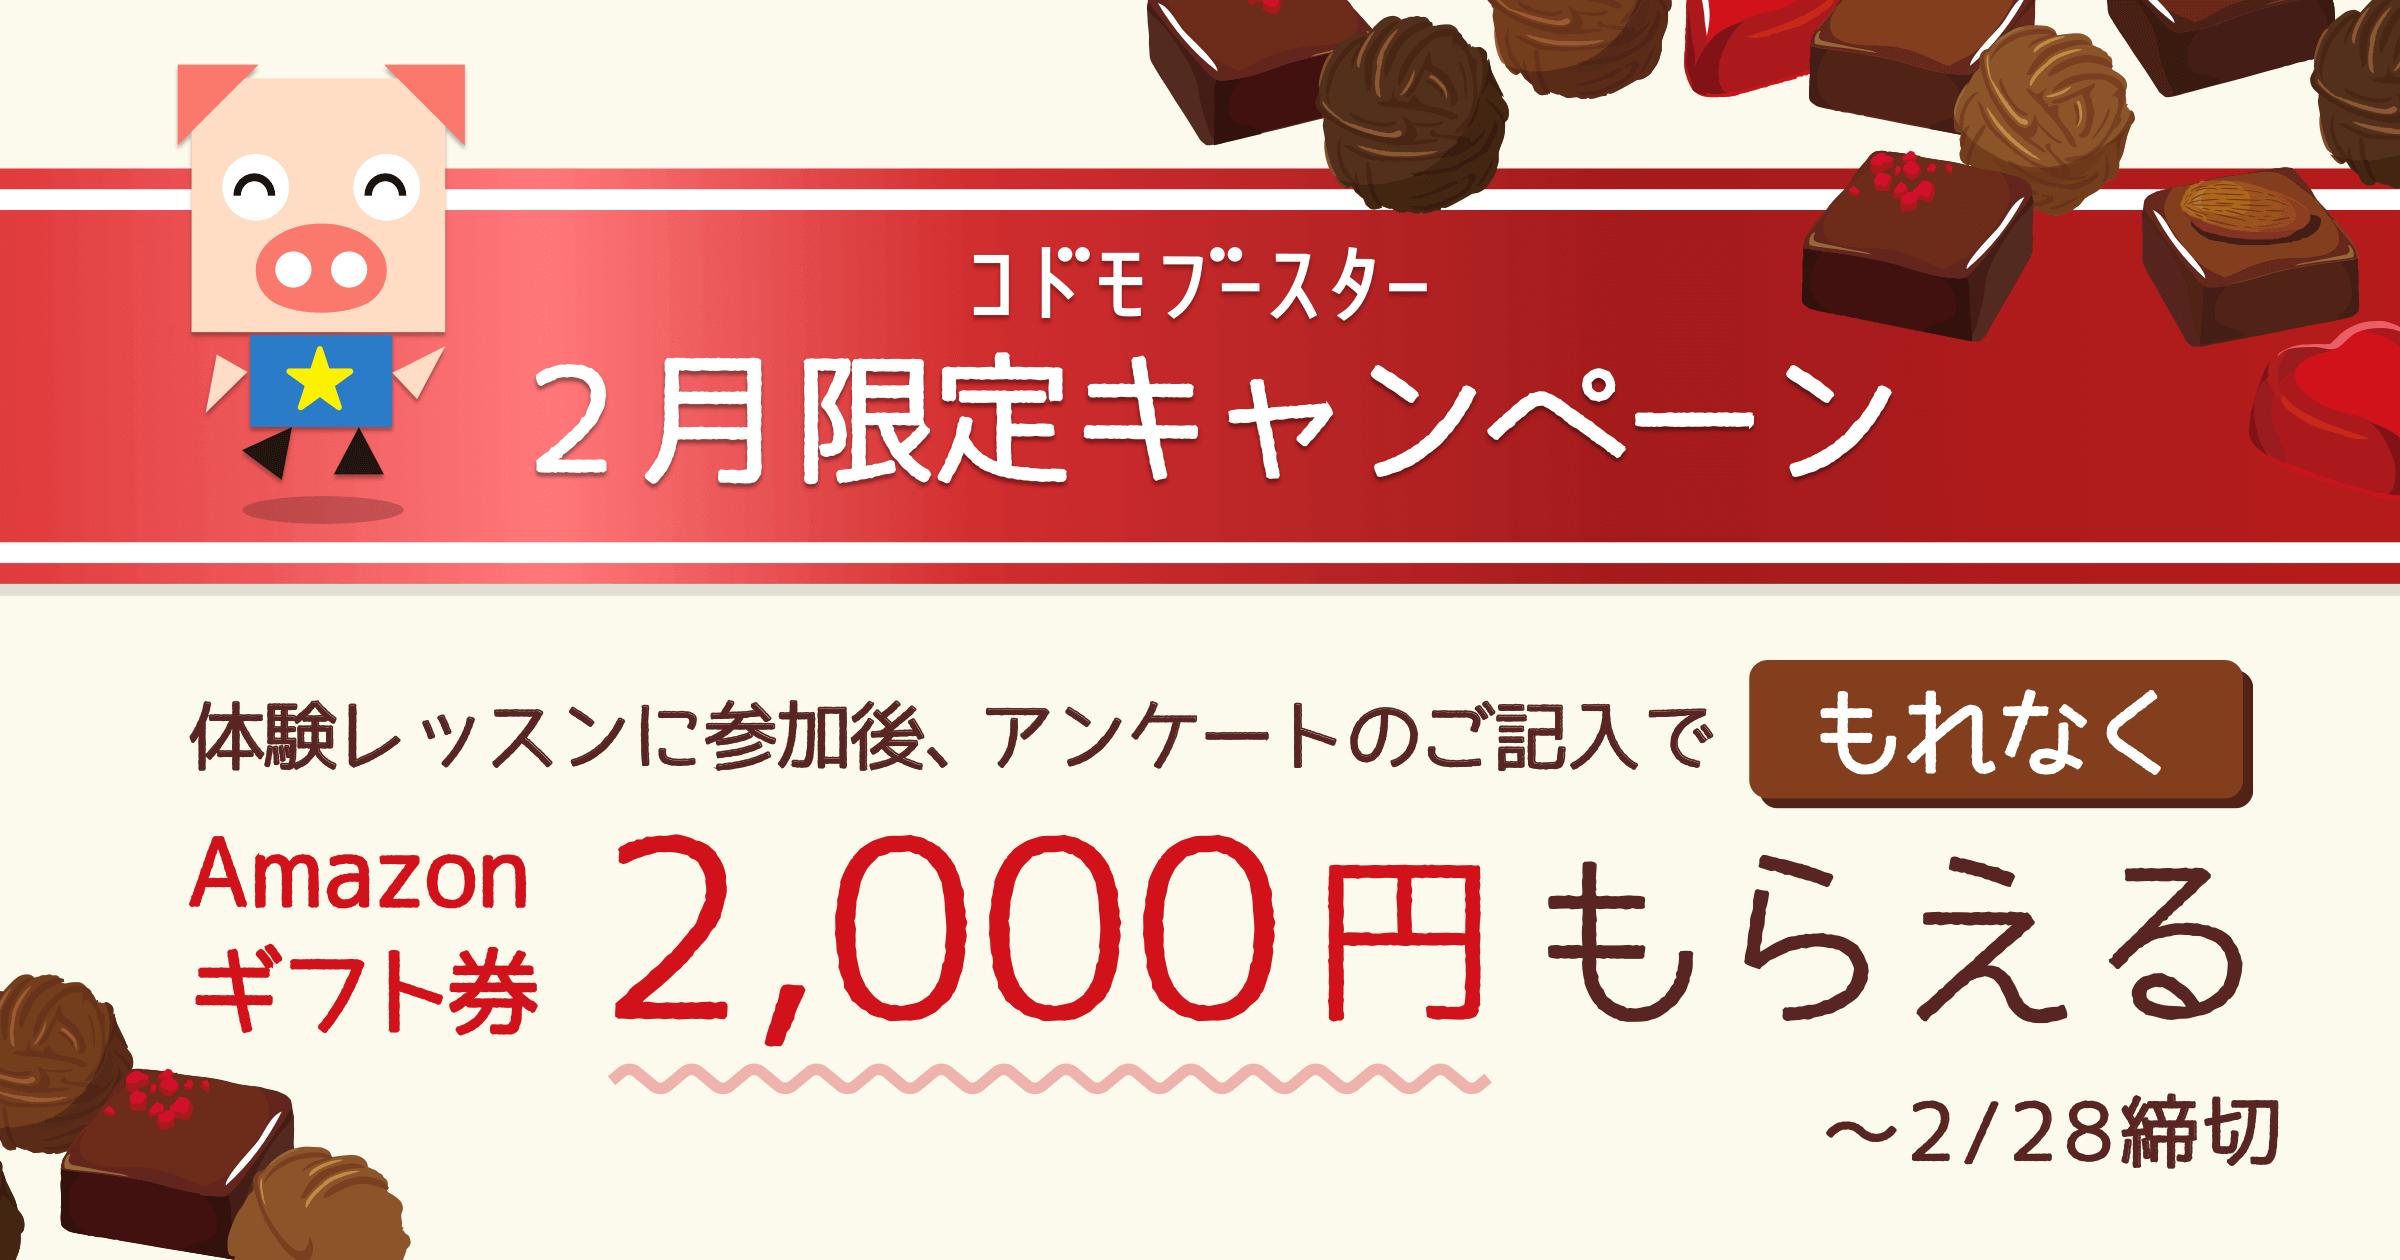 2月のキャンペーン